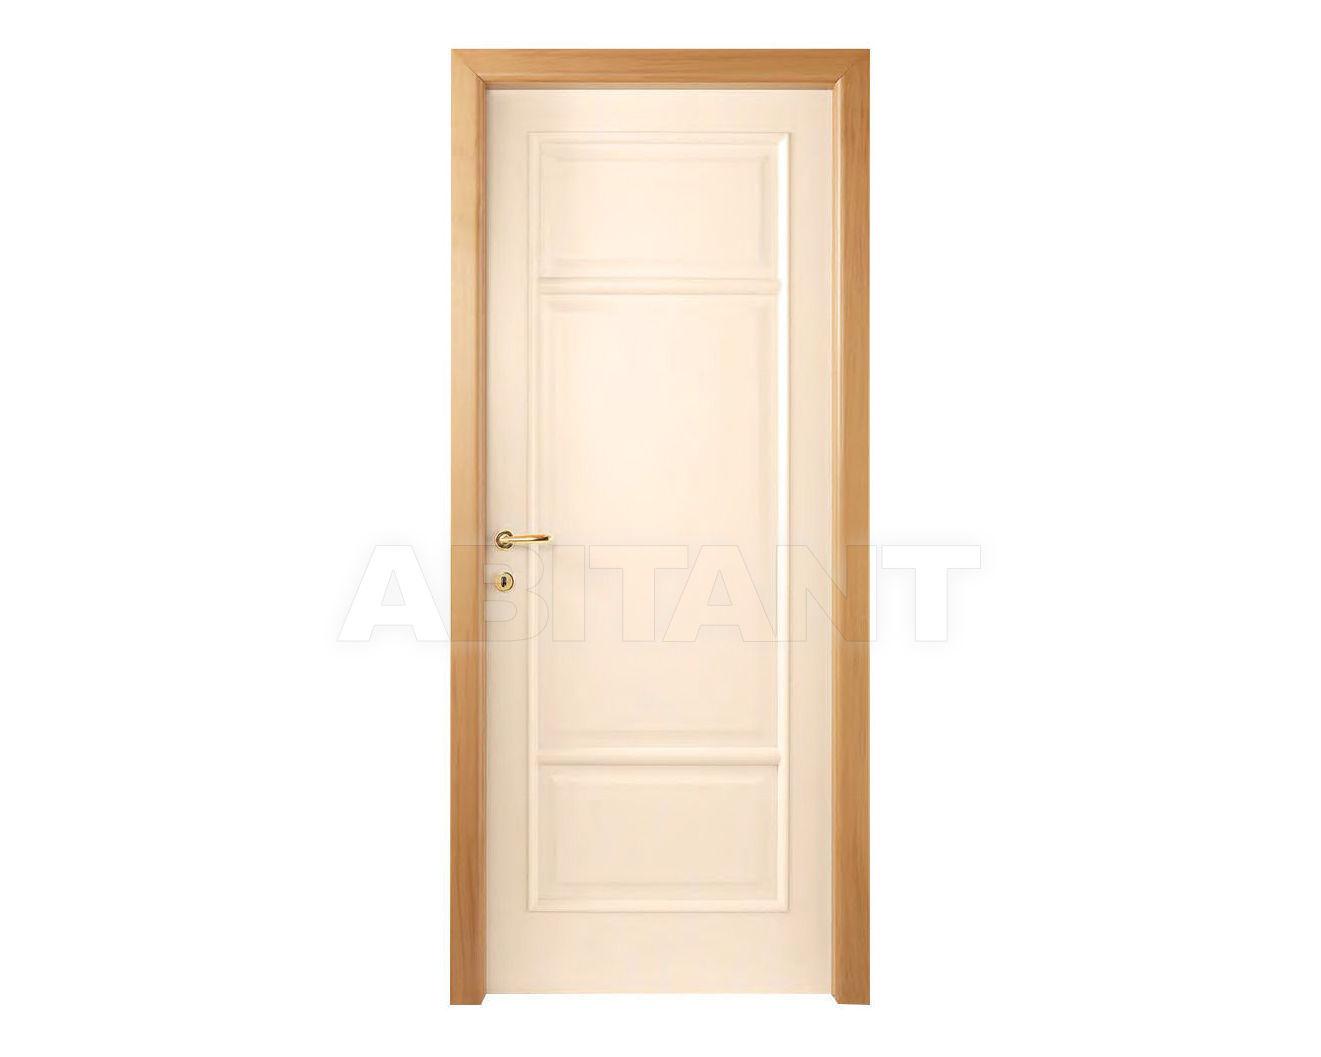 Купить Дверь деревянная Fioravazzi Classiche AMBRA CIECA